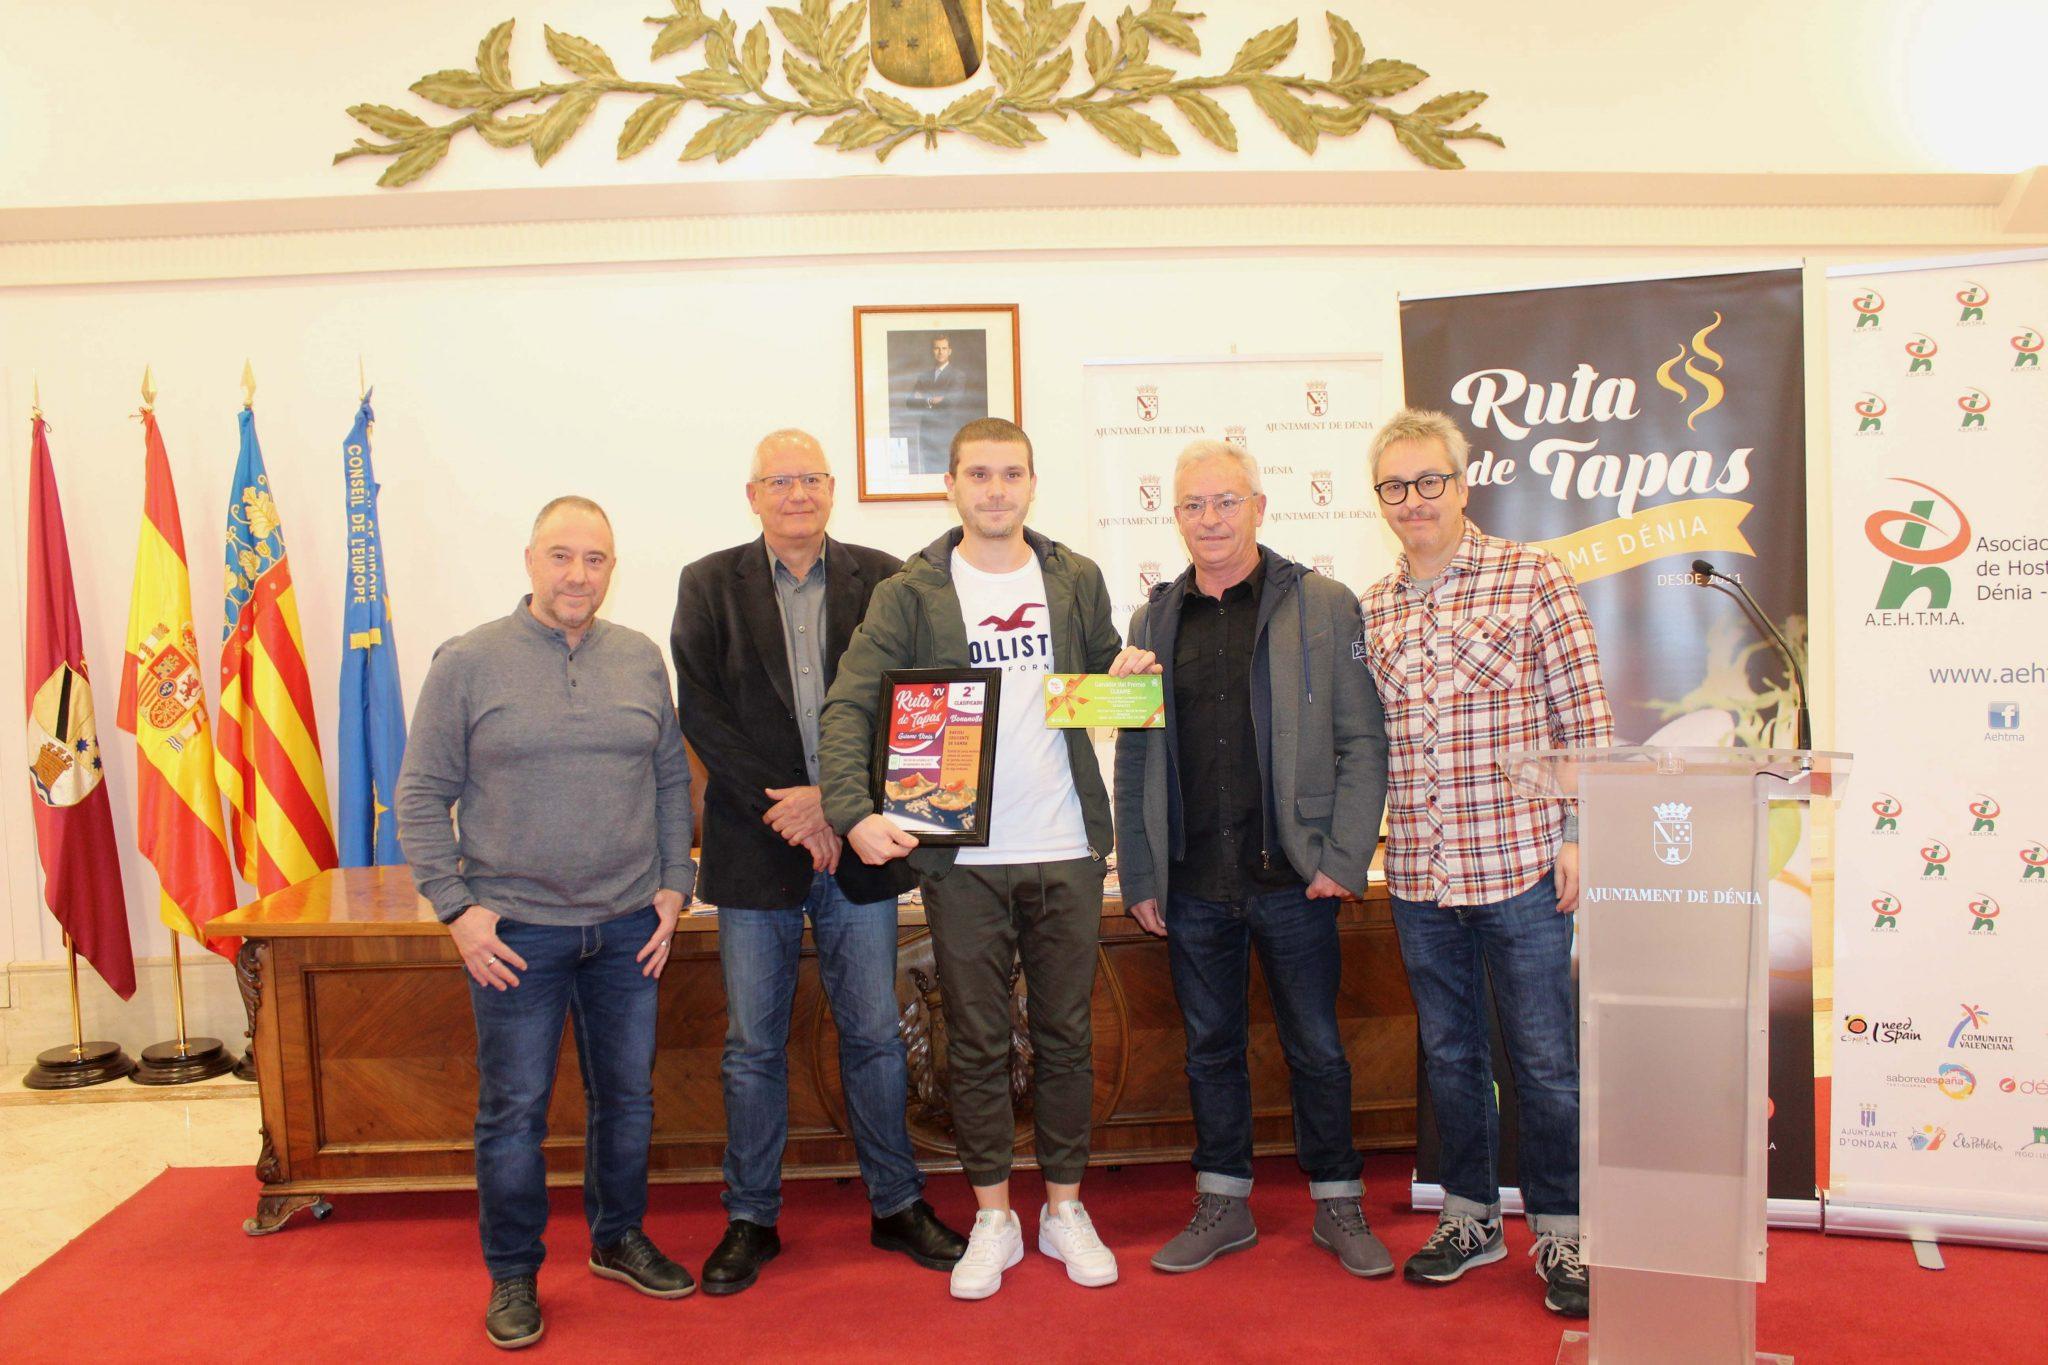 Bonanotte, deuxième place sur la route des tapas de Dénia